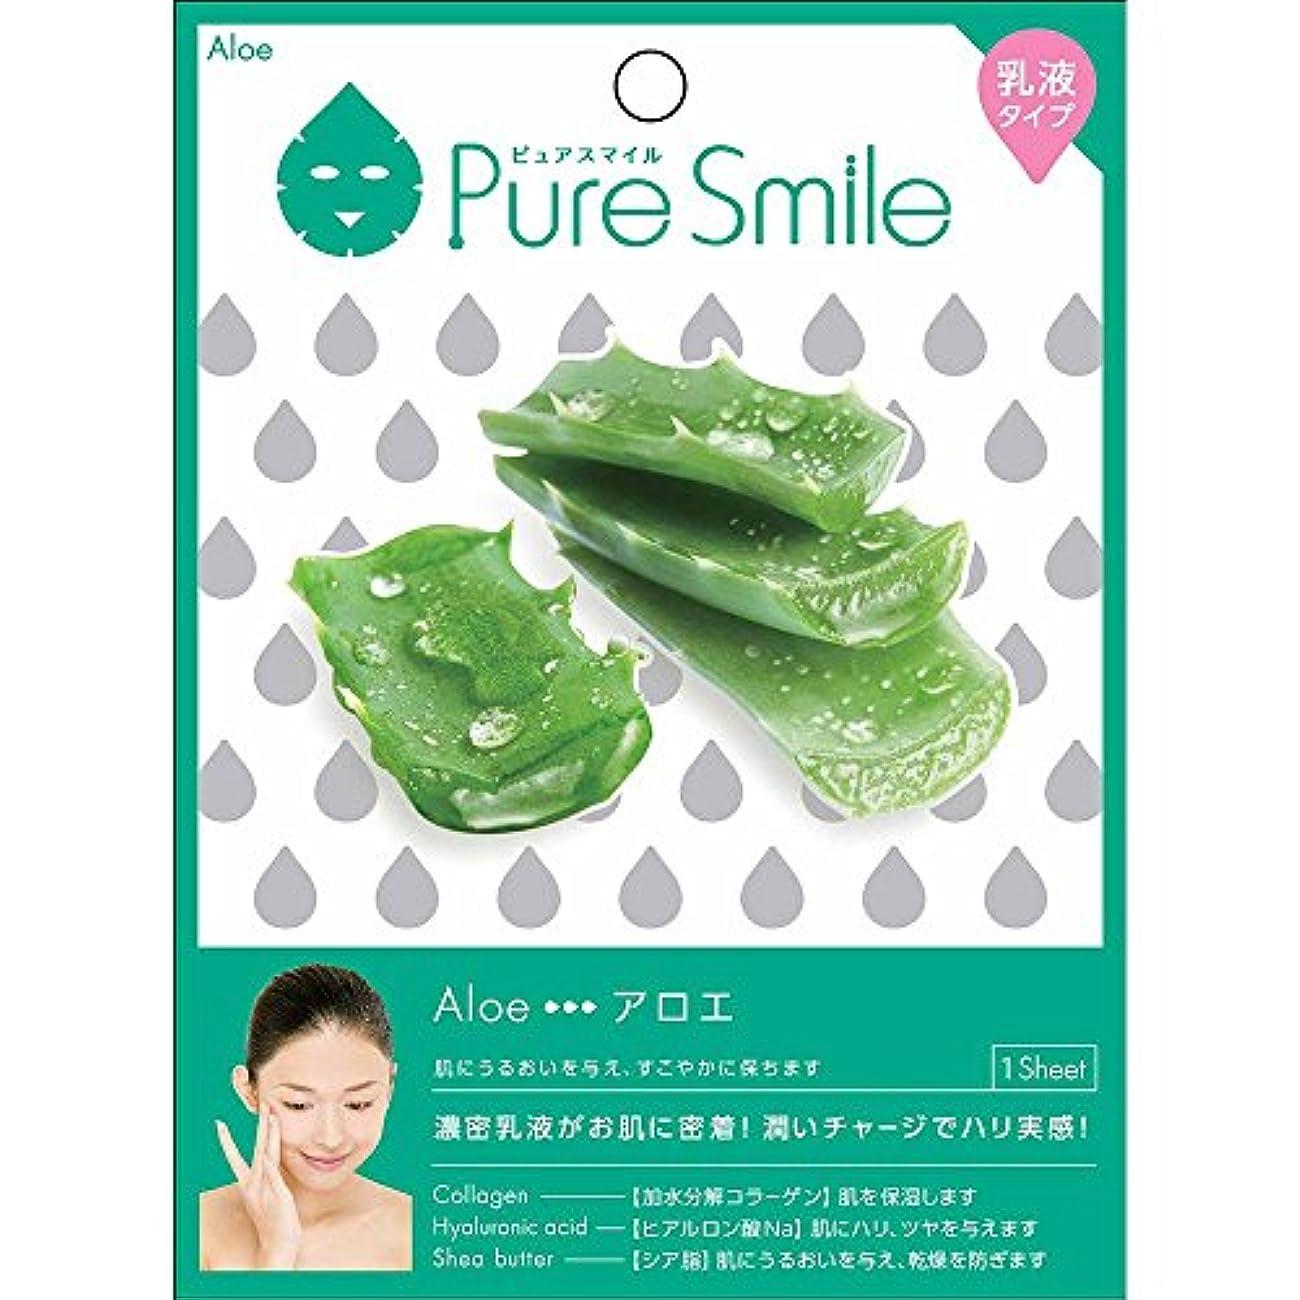 私たち換気するお風呂Pure Smile(ピュアスマイル) 乳液エッセンスマスク 1 枚 アロエ